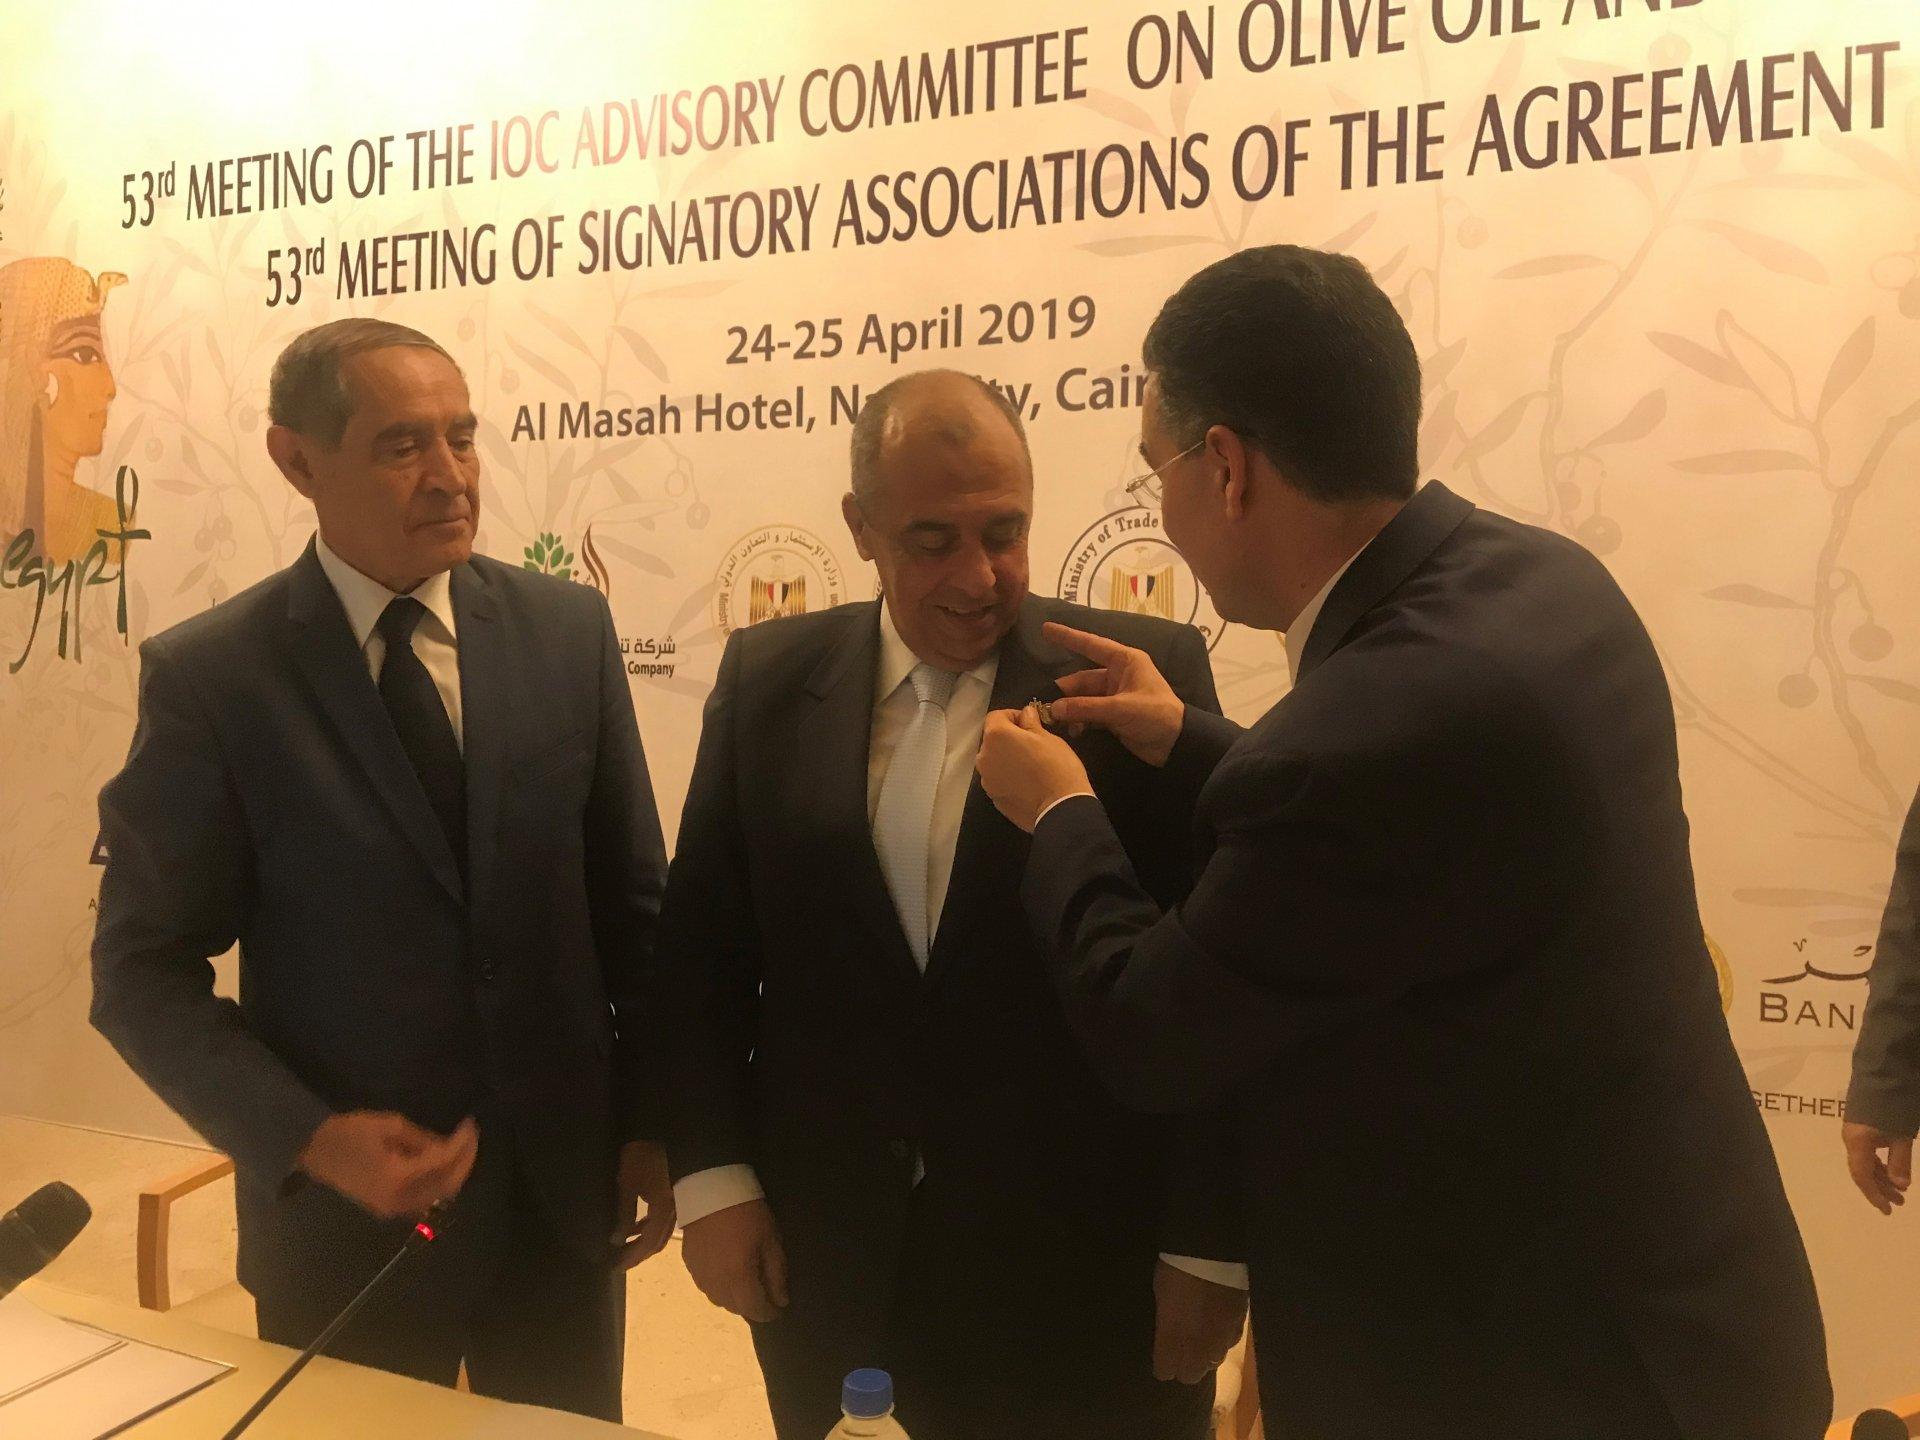 Travaux du Comité consultatif du Conseil oléicole international au Caire